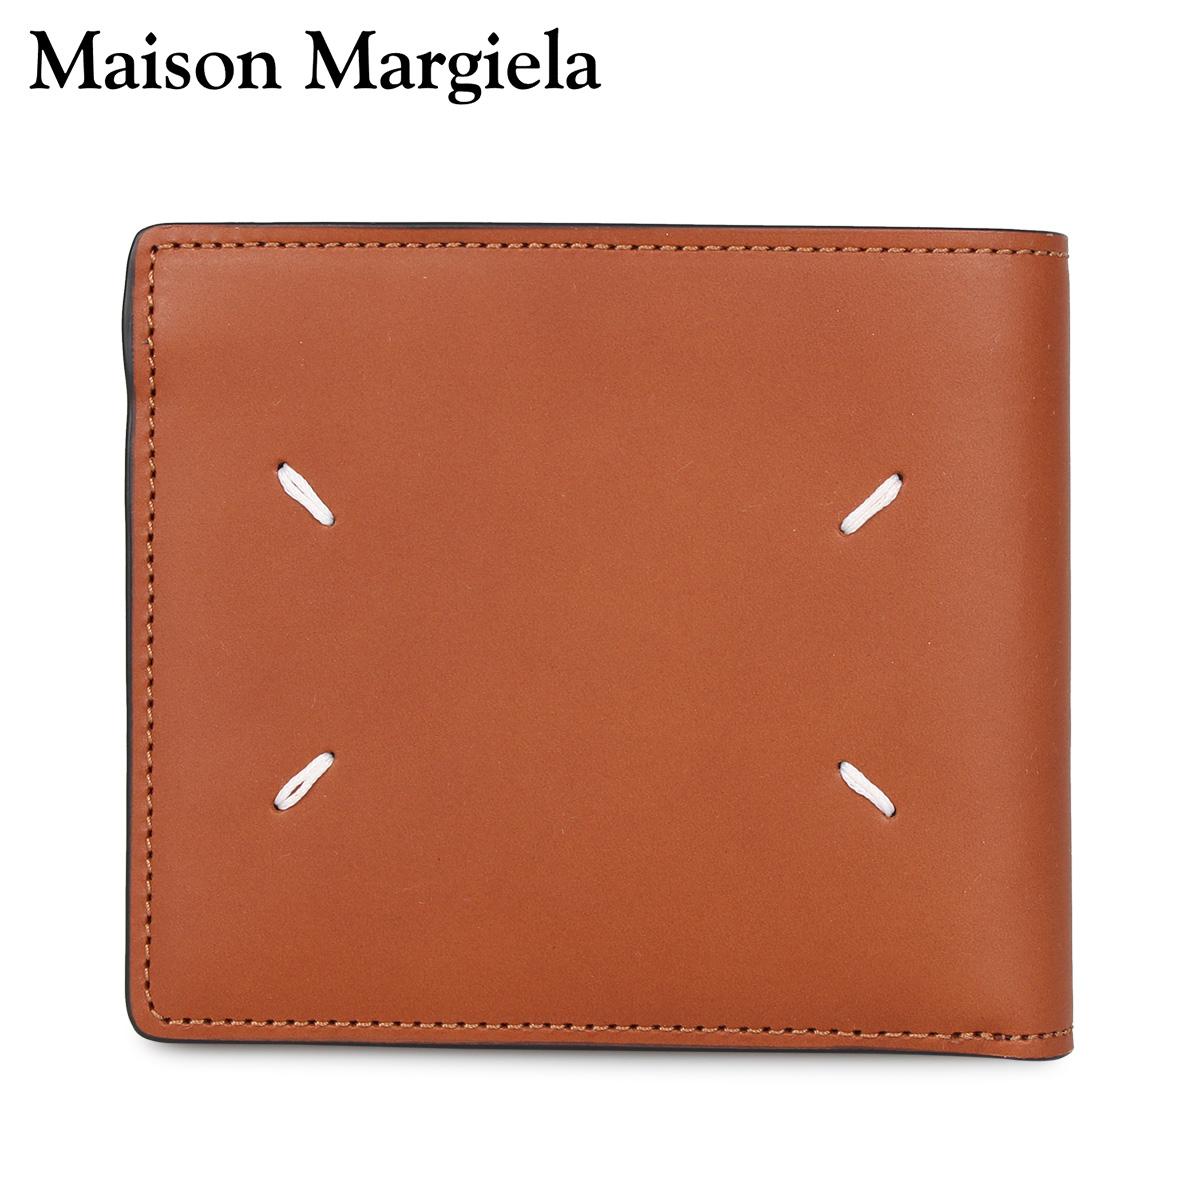 MAISON MARGIELA メゾンマルジェラ 財布 二つ折り メンズ レディース WALLET ブラウン S55UI0205-T2262 [3/4 新入荷]